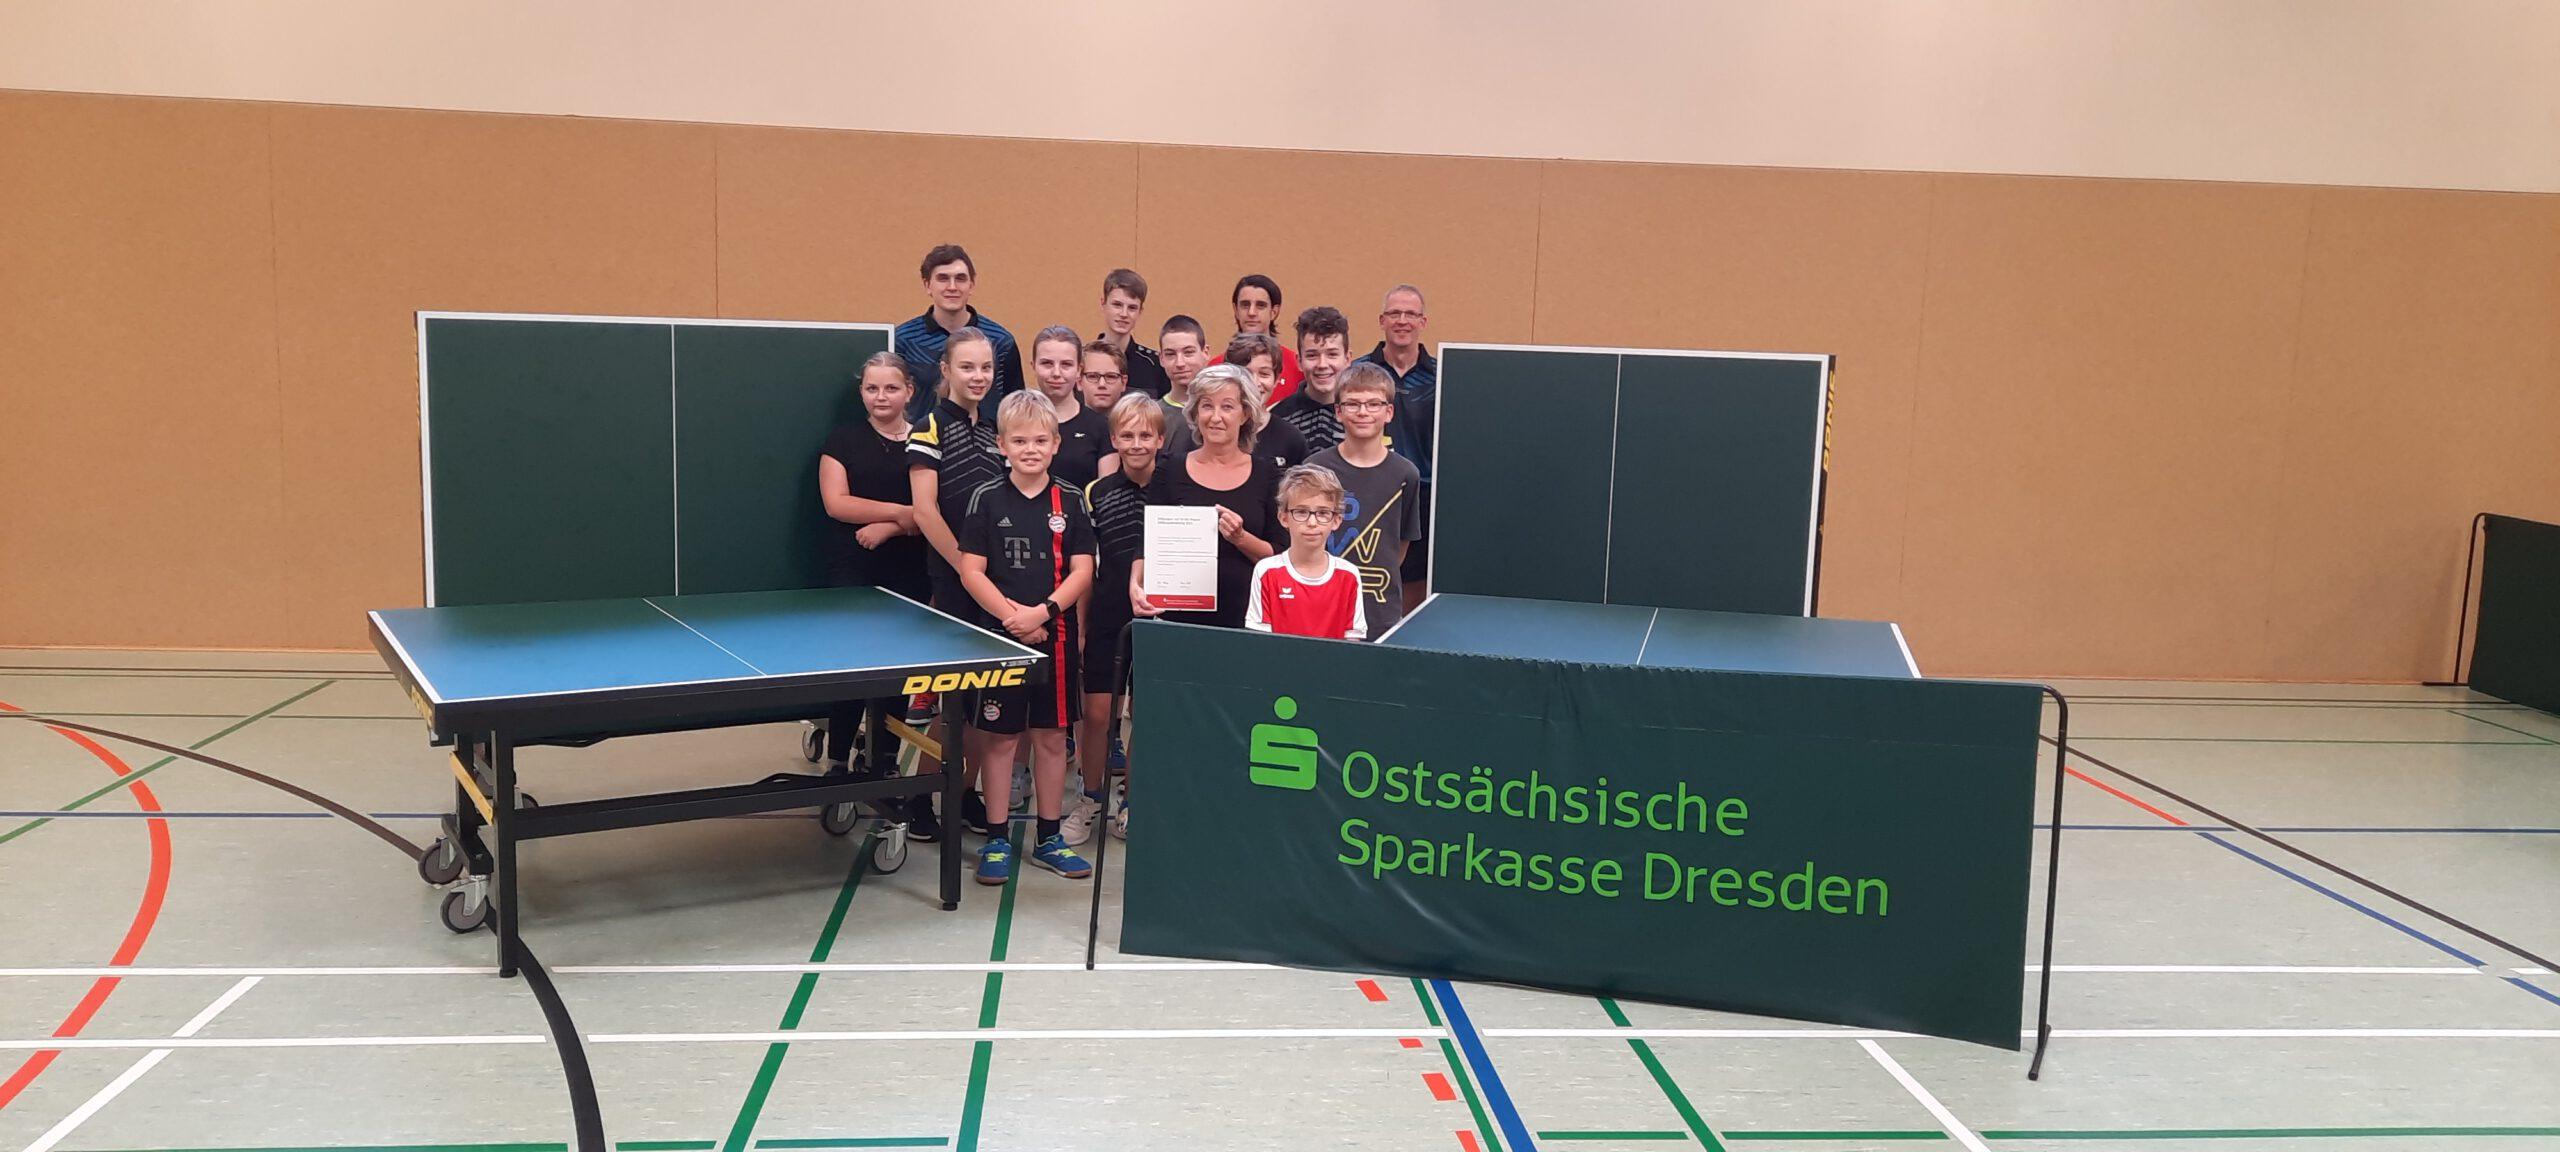 Sparkasse fördert zwei Tischtennistische für die Abteilung Tischtennis